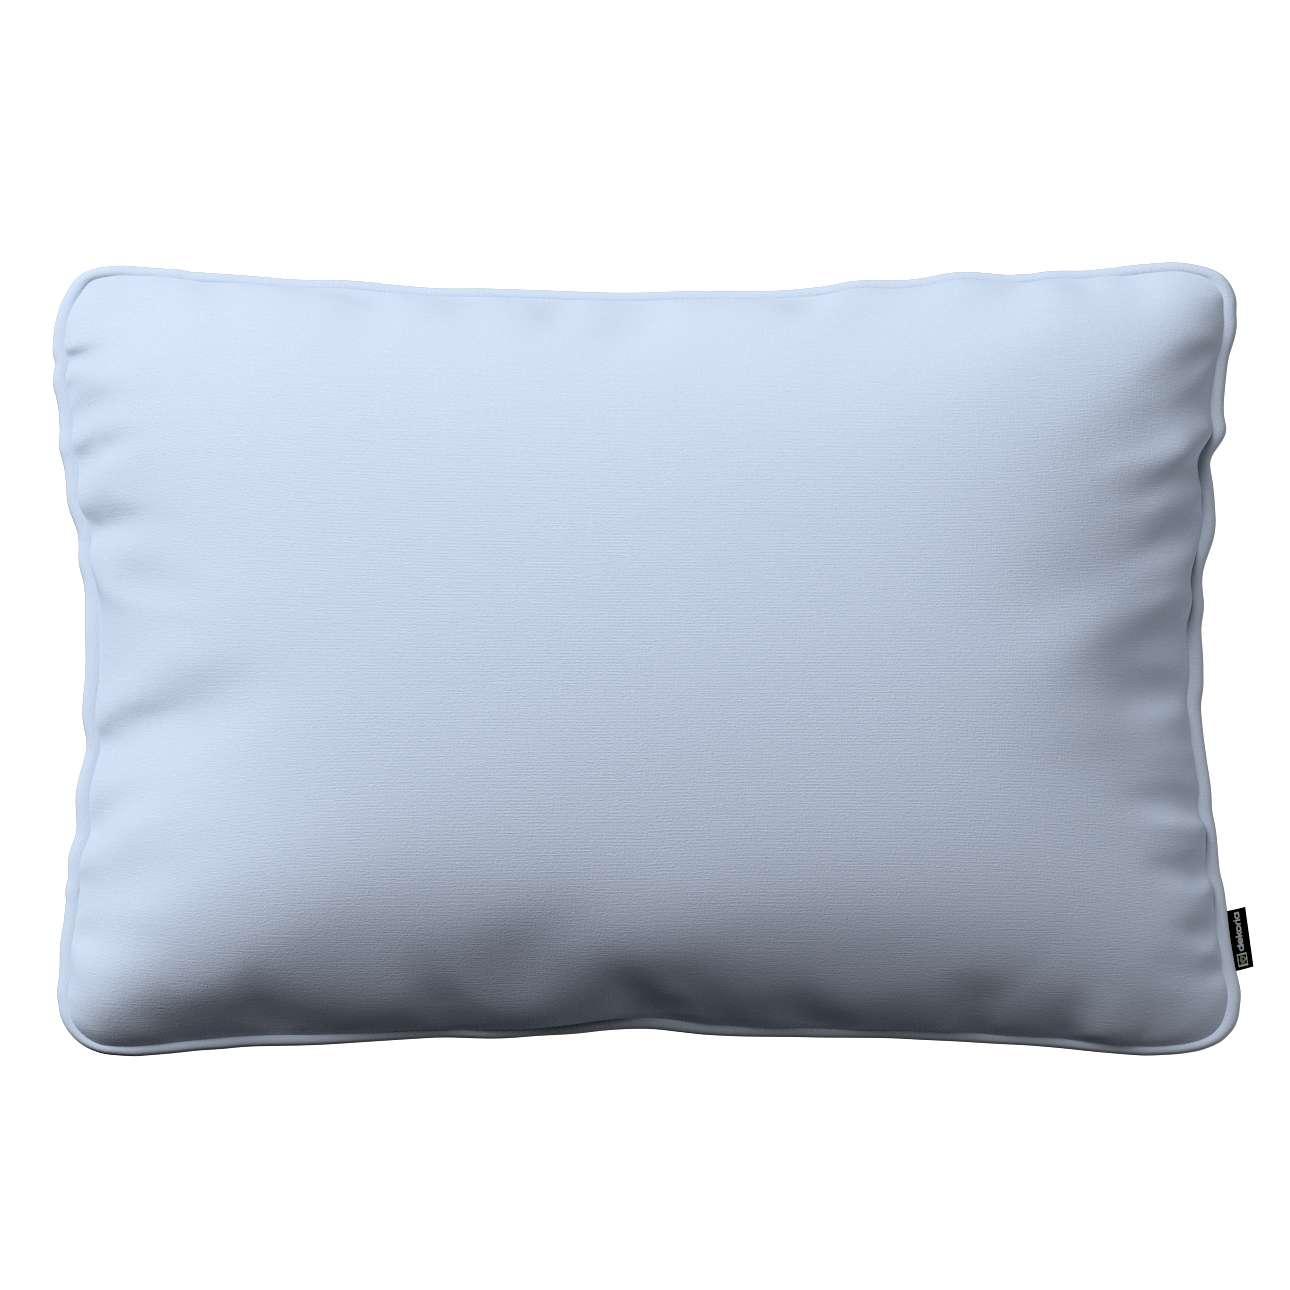 Poszewka Gabi na poduszkę prostokątna 60 x 40 cm w kolekcji Loneta, tkanina: 133-35